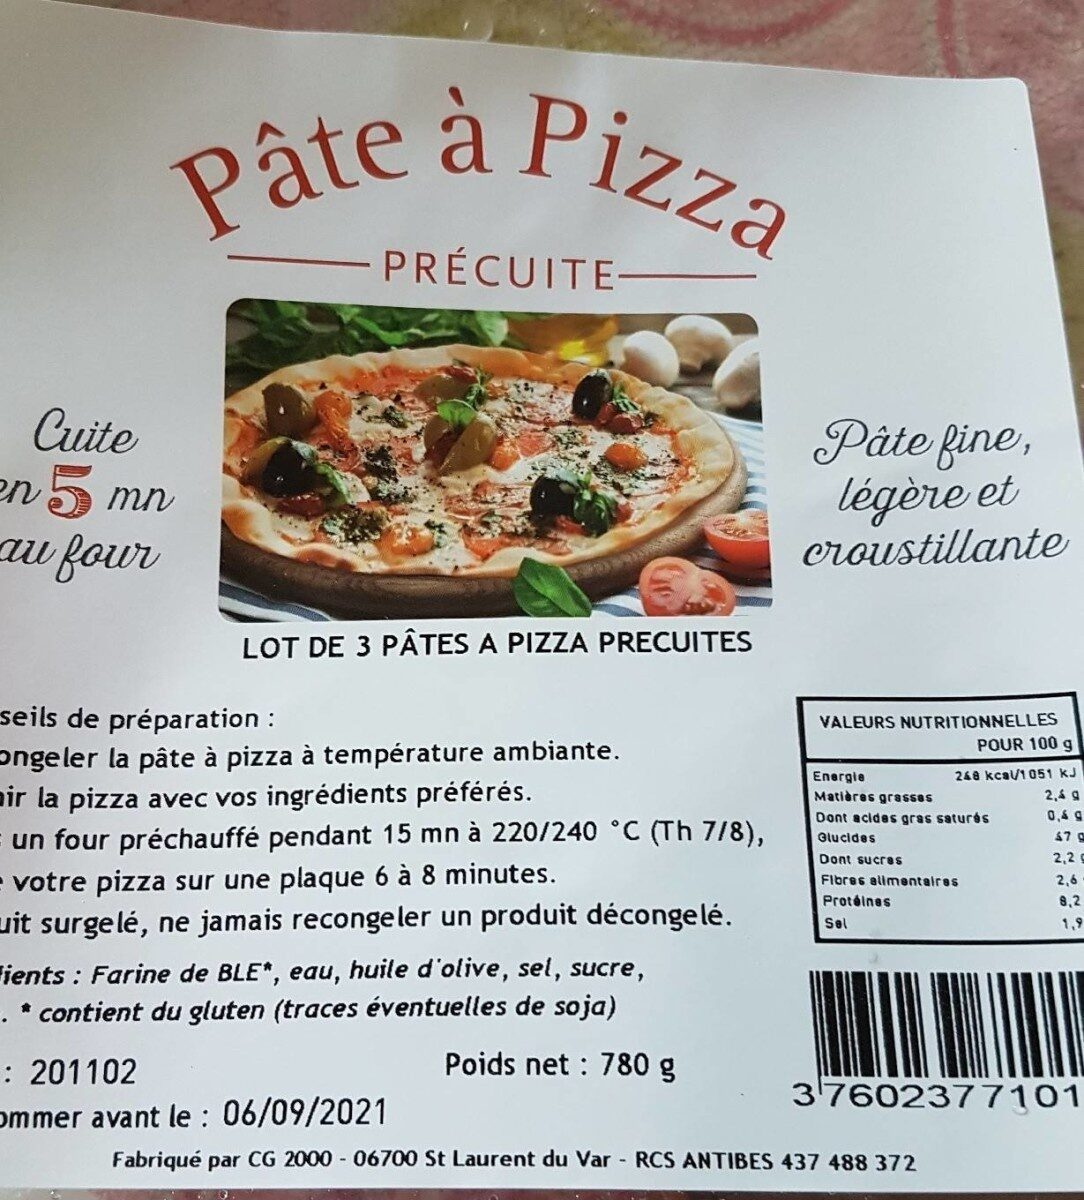 Pâte à  pizza precuite - Produit - fr